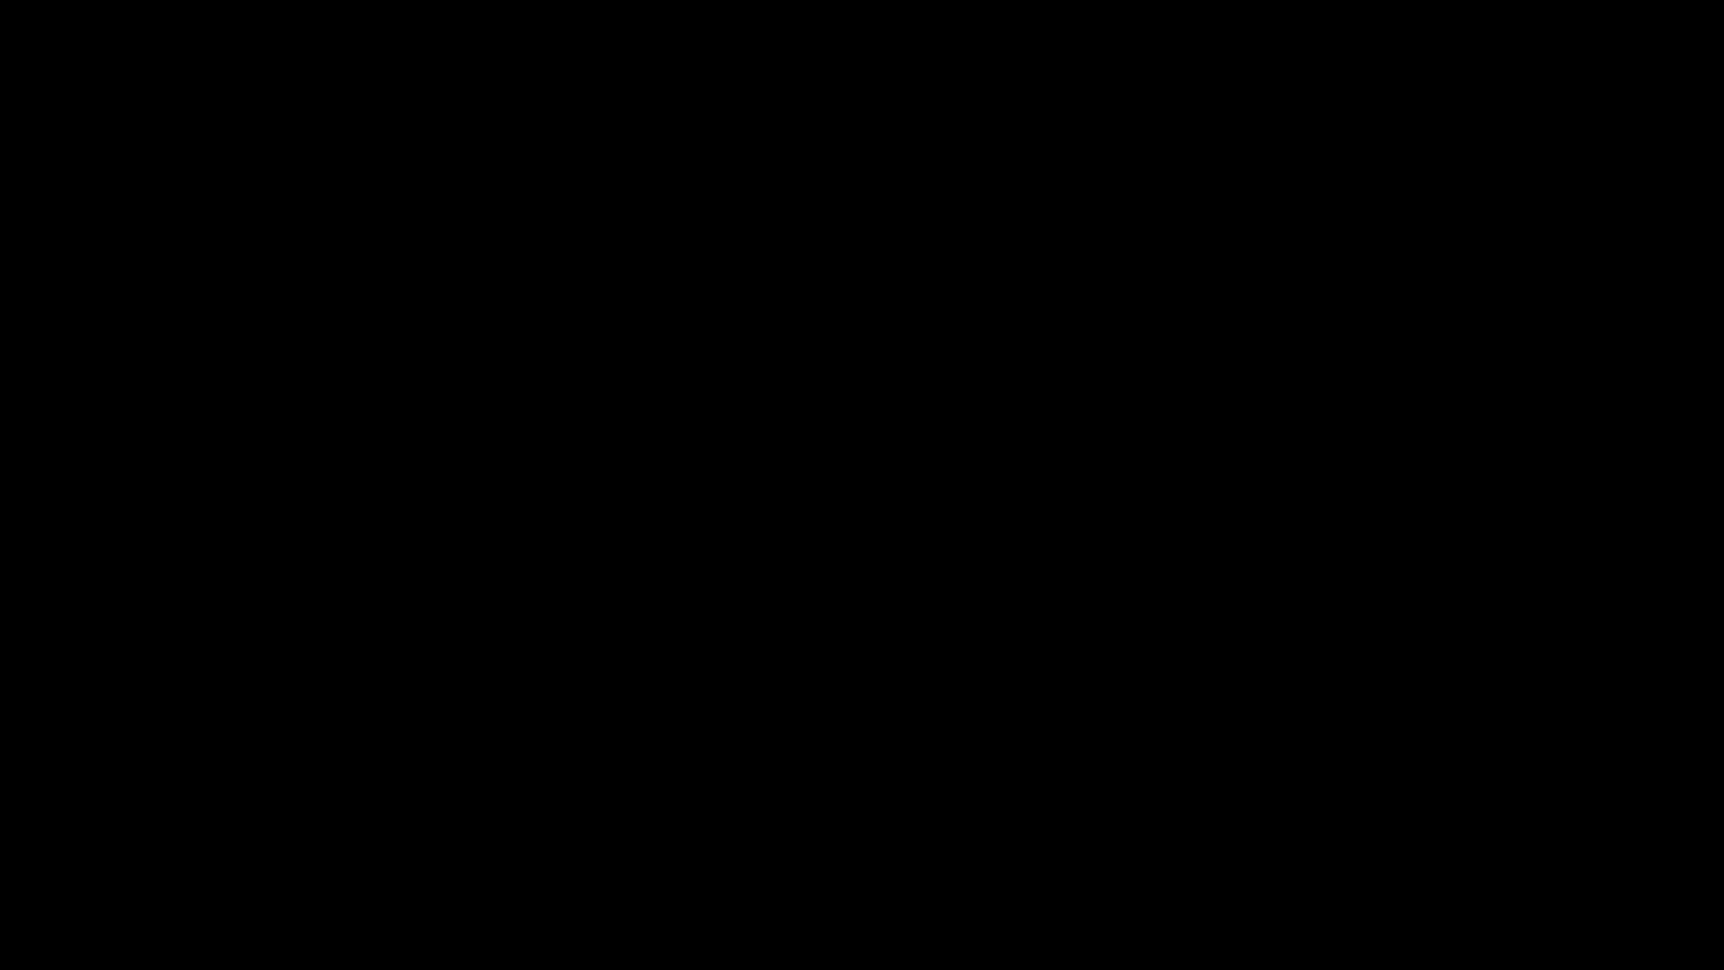 pers-ext-01-crop-16-9